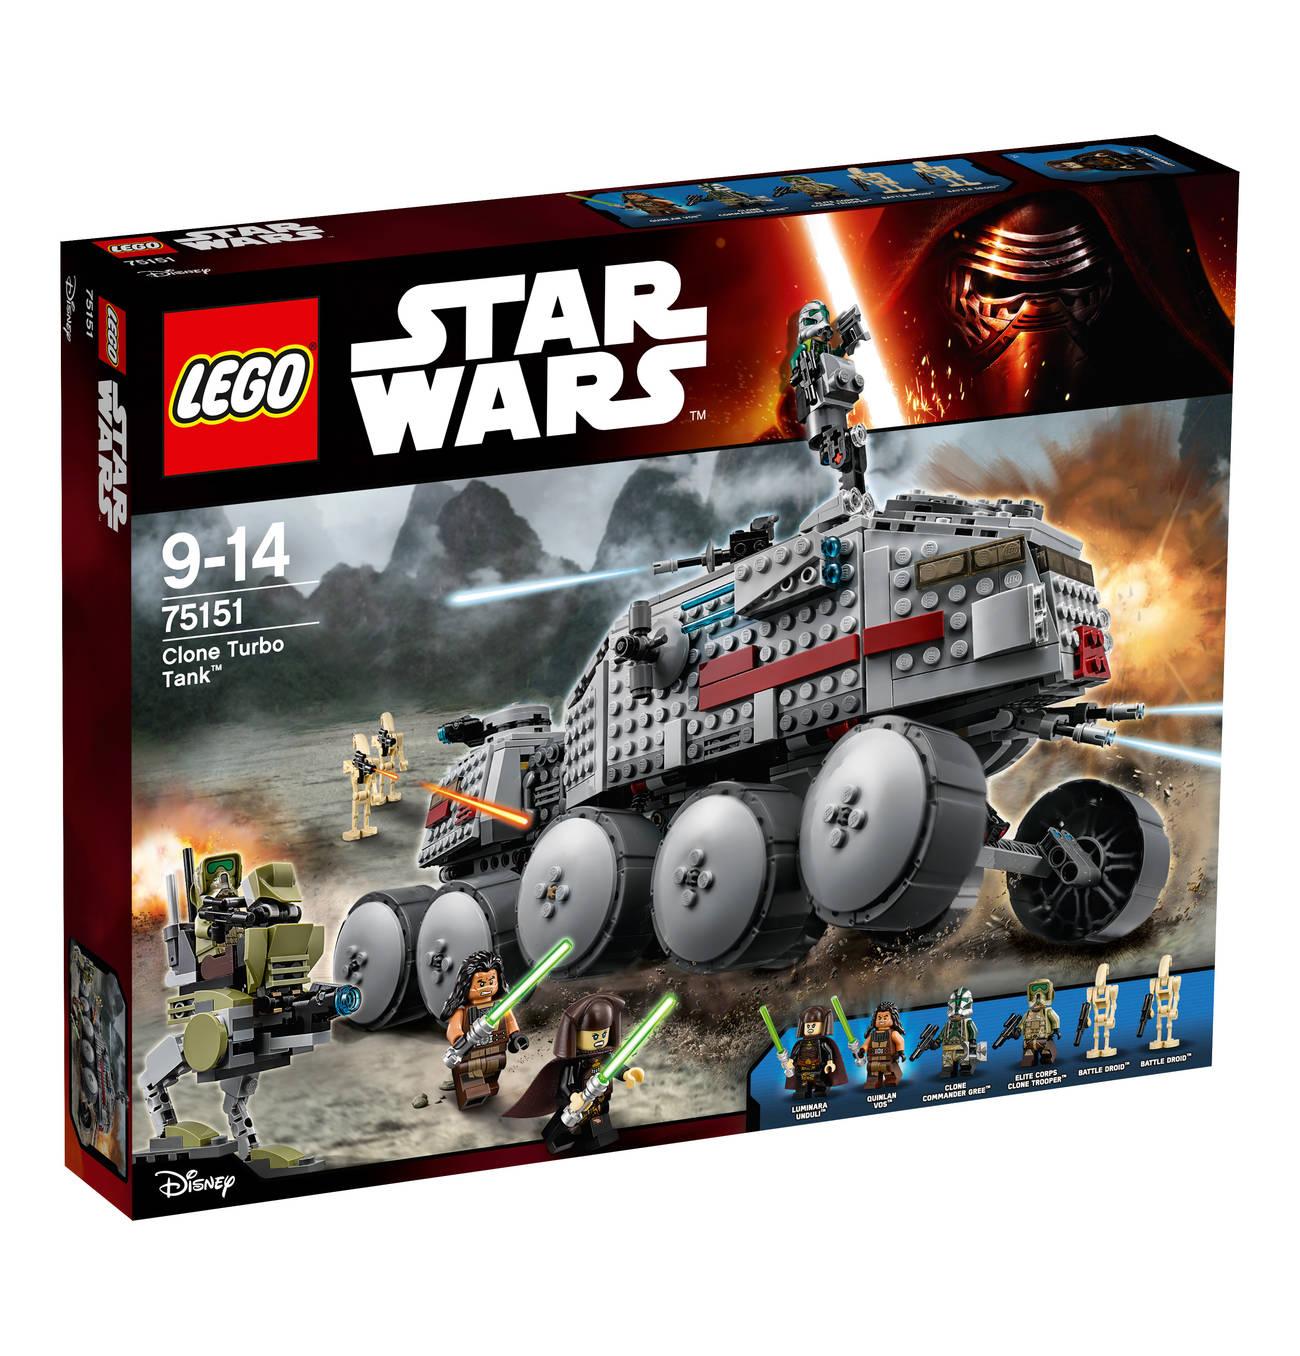 [Galeria Kaufhof] Sonntagsangebote z.B. Lego Star Wars Clone Turbo Tank 75151 oder Lego Technic Schwerlasthubschrauber 42052 für 69 EUR statt 81